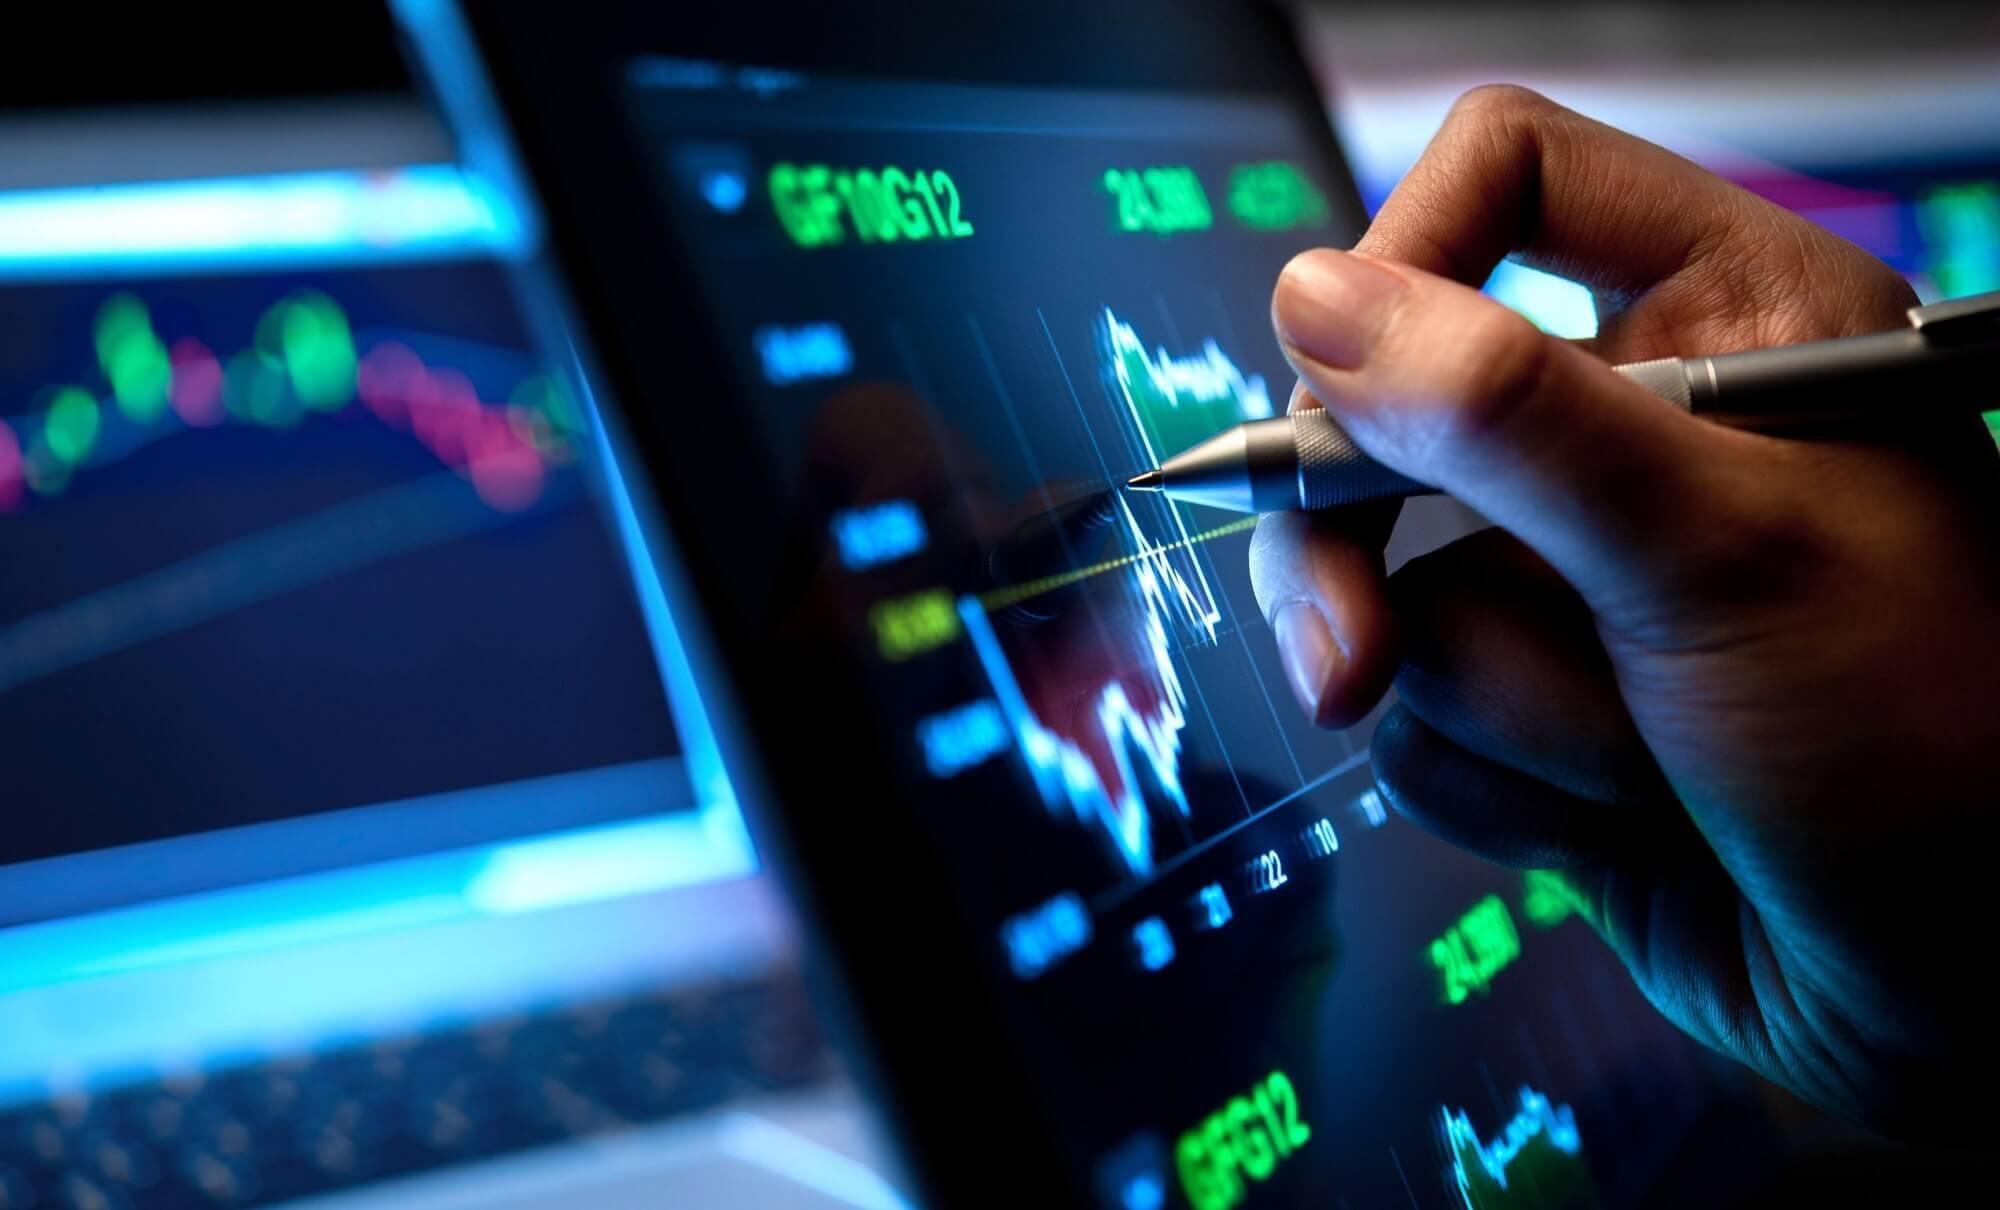 Miglior conto trading online: conveniente e sicuro [2021] - Mercati24